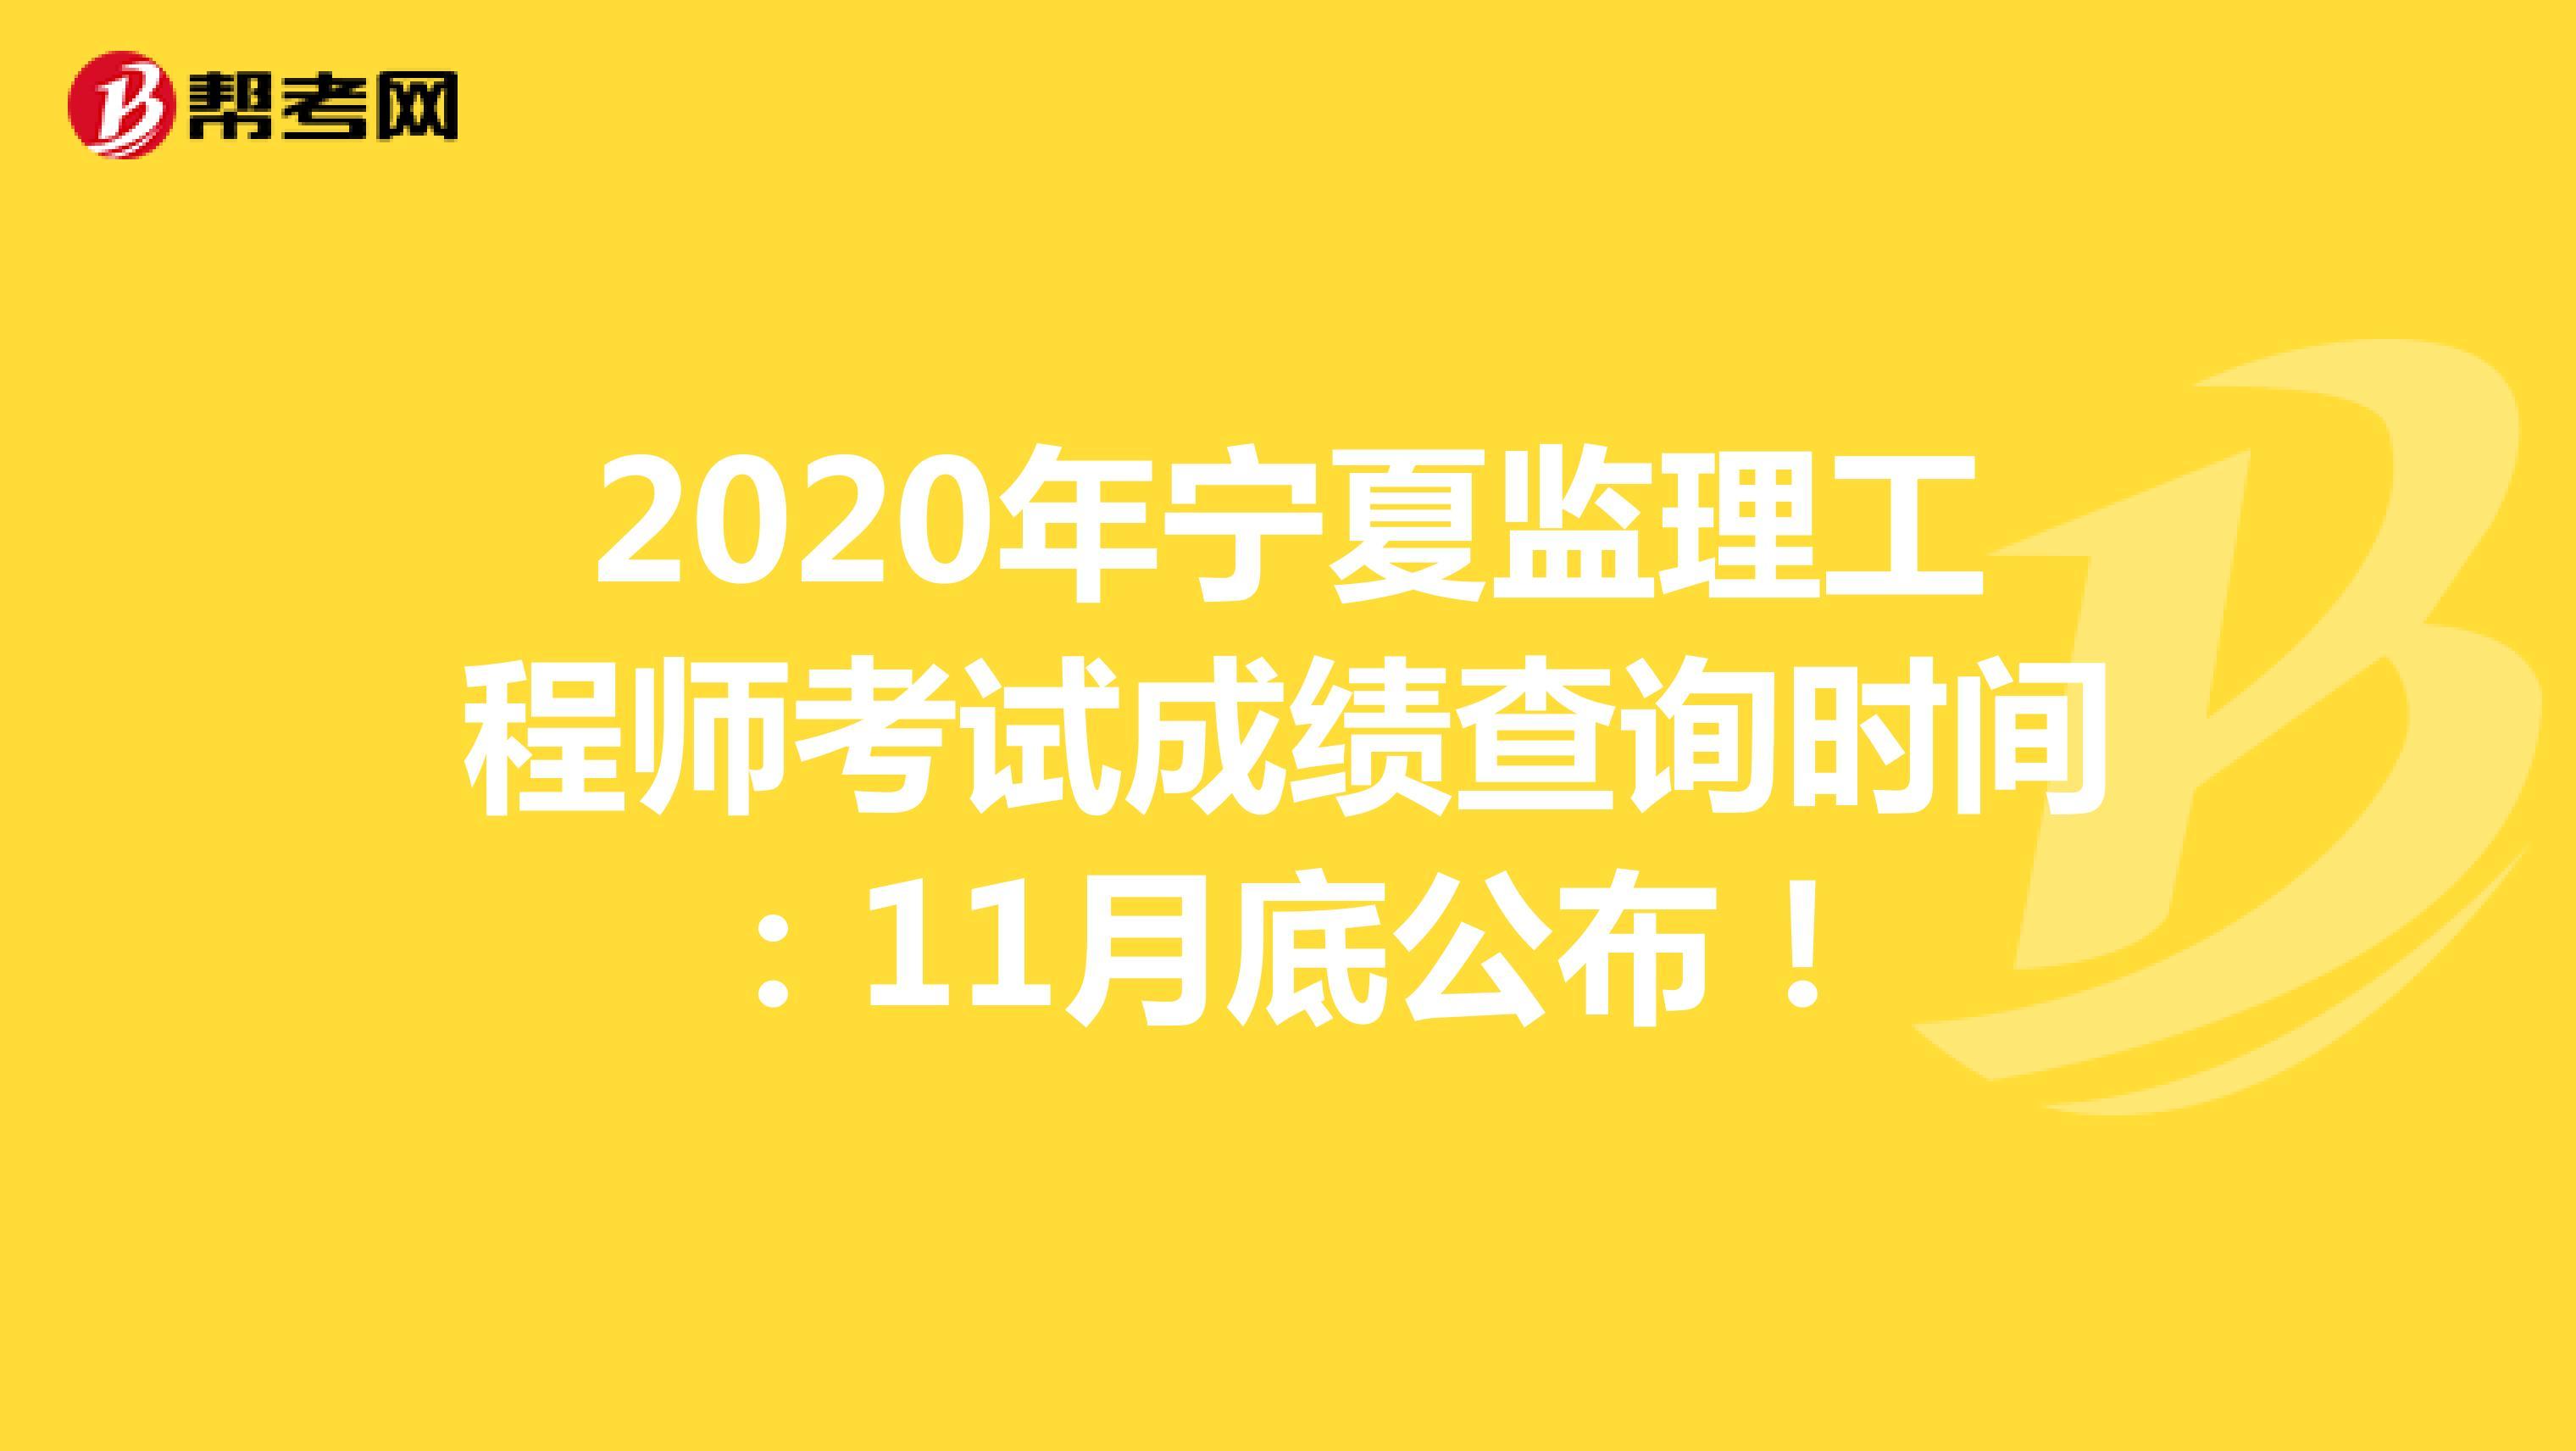 2020年宁夏监理工程师Beplay官方成绩查询时间:11月底公布!